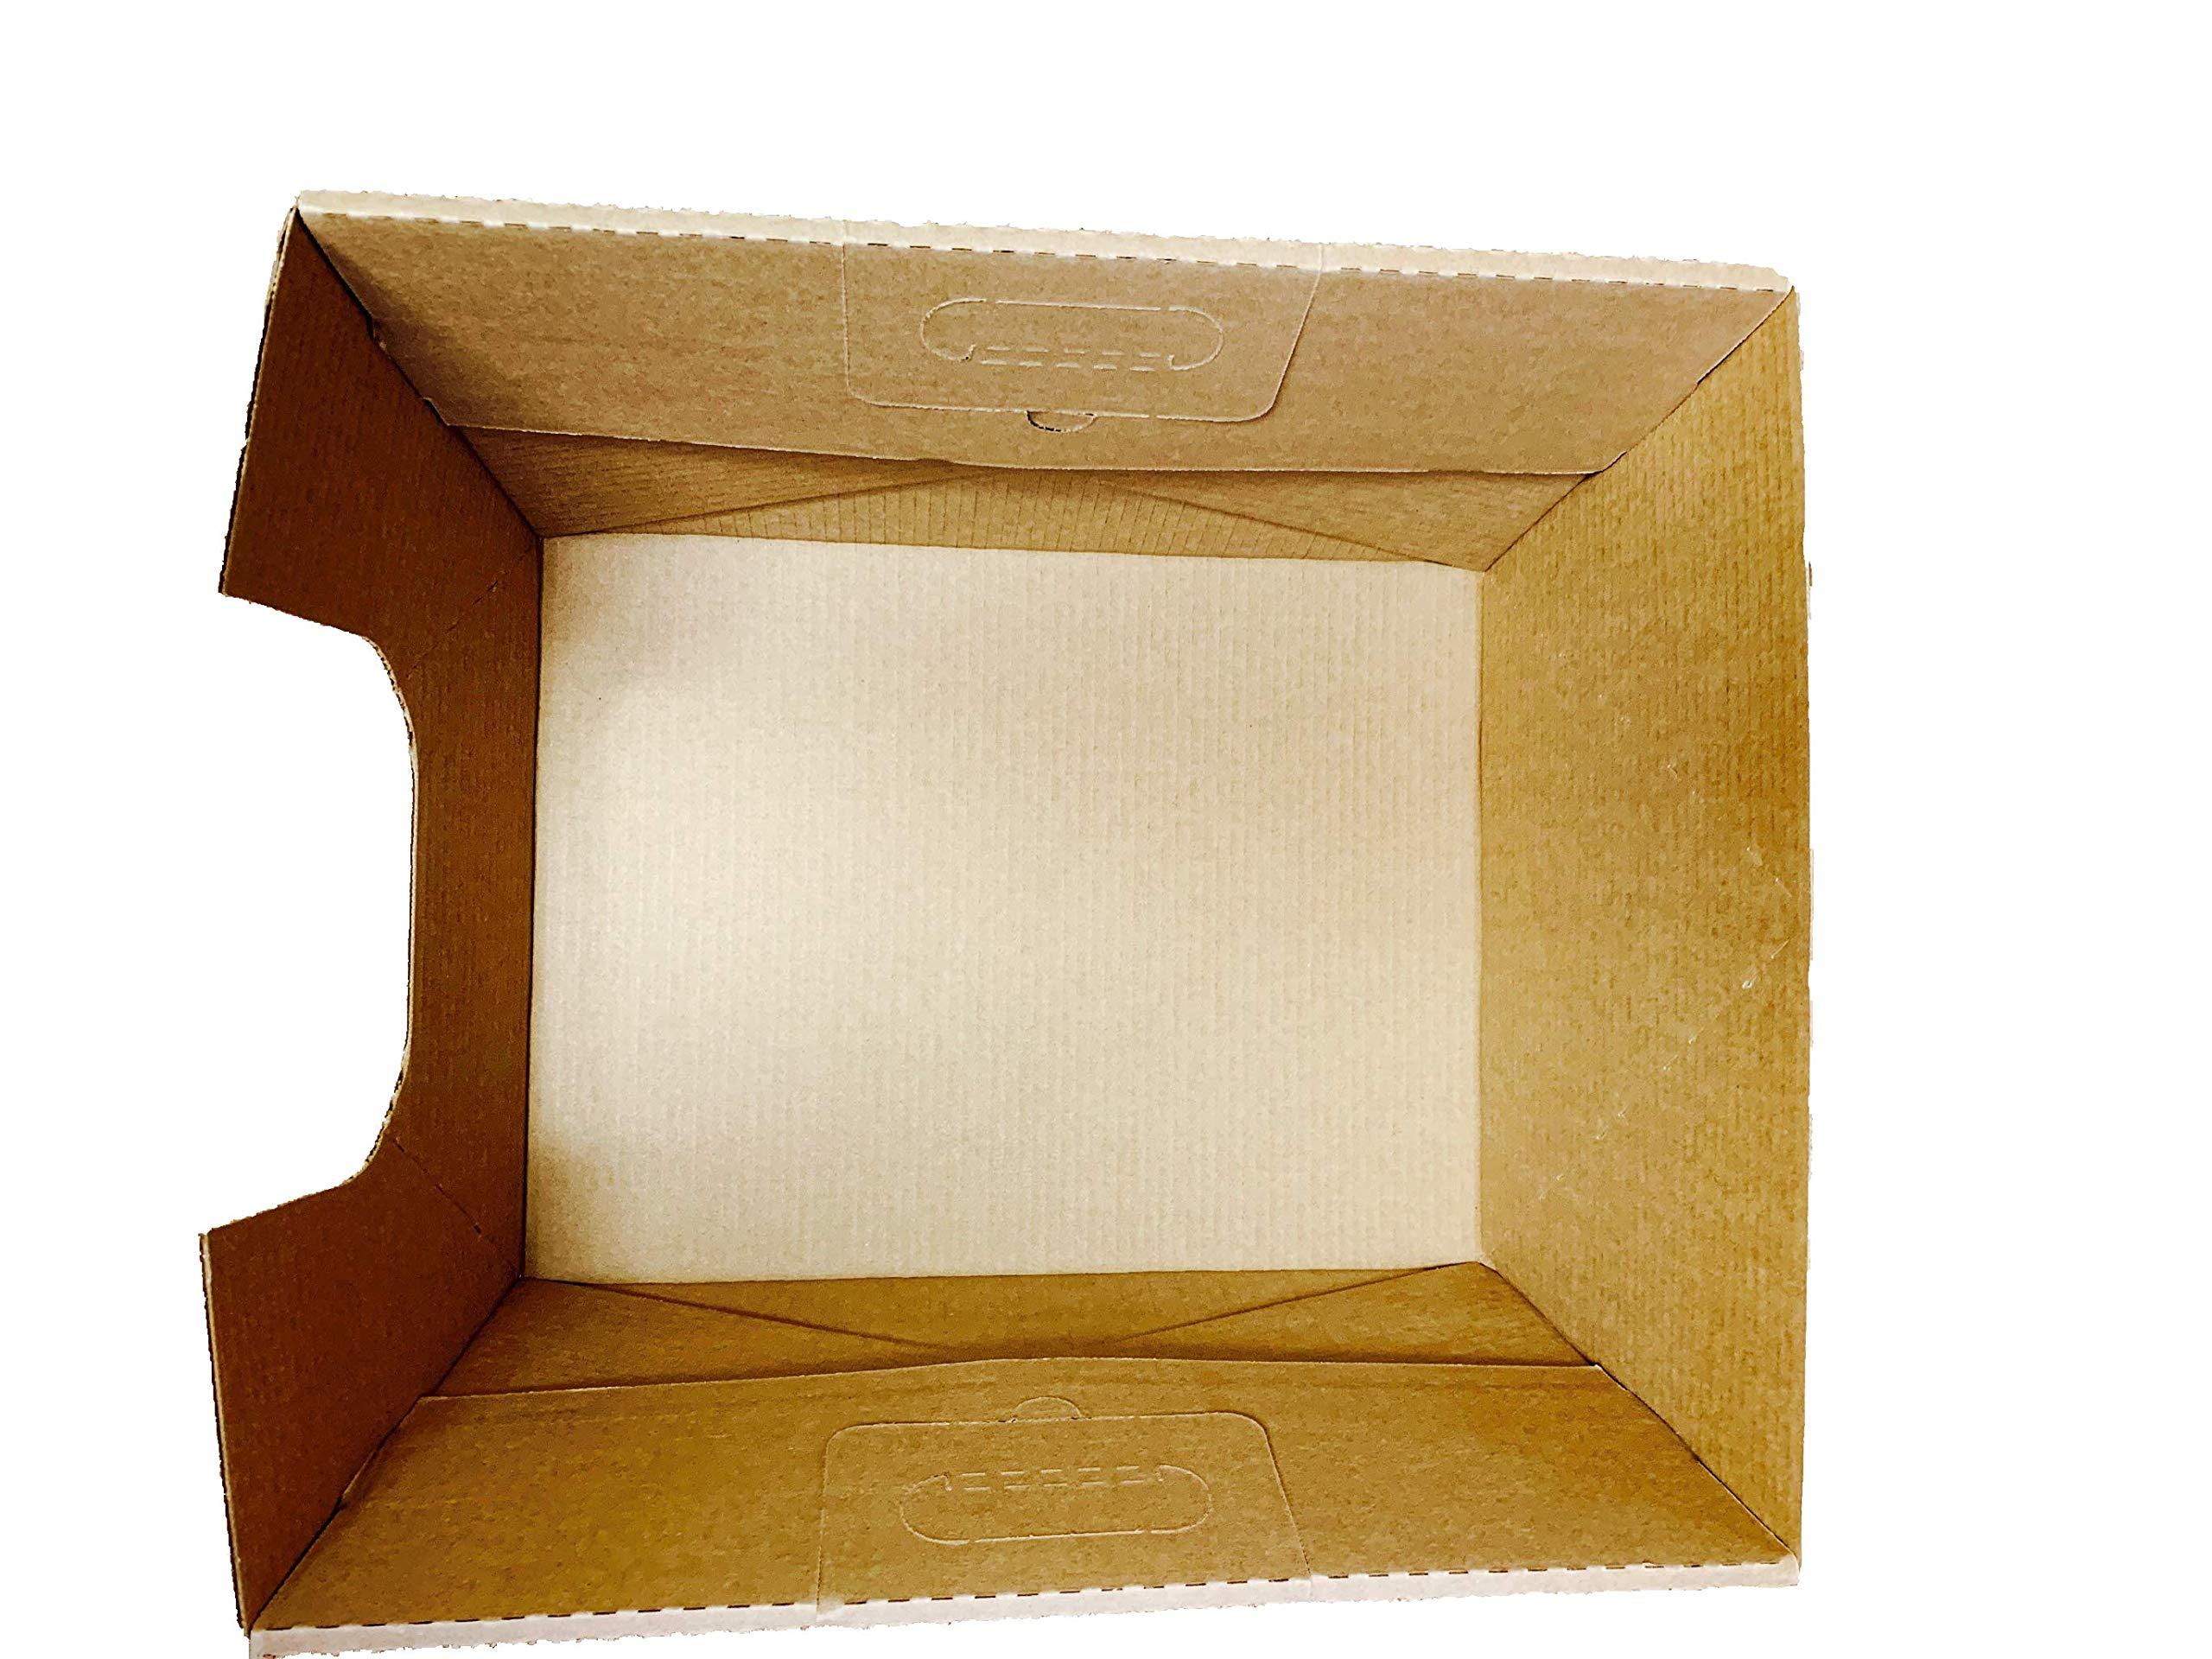 Cats Desire Disposable Litter Boxes Disposable Litter Boxes, 10 Piece 5